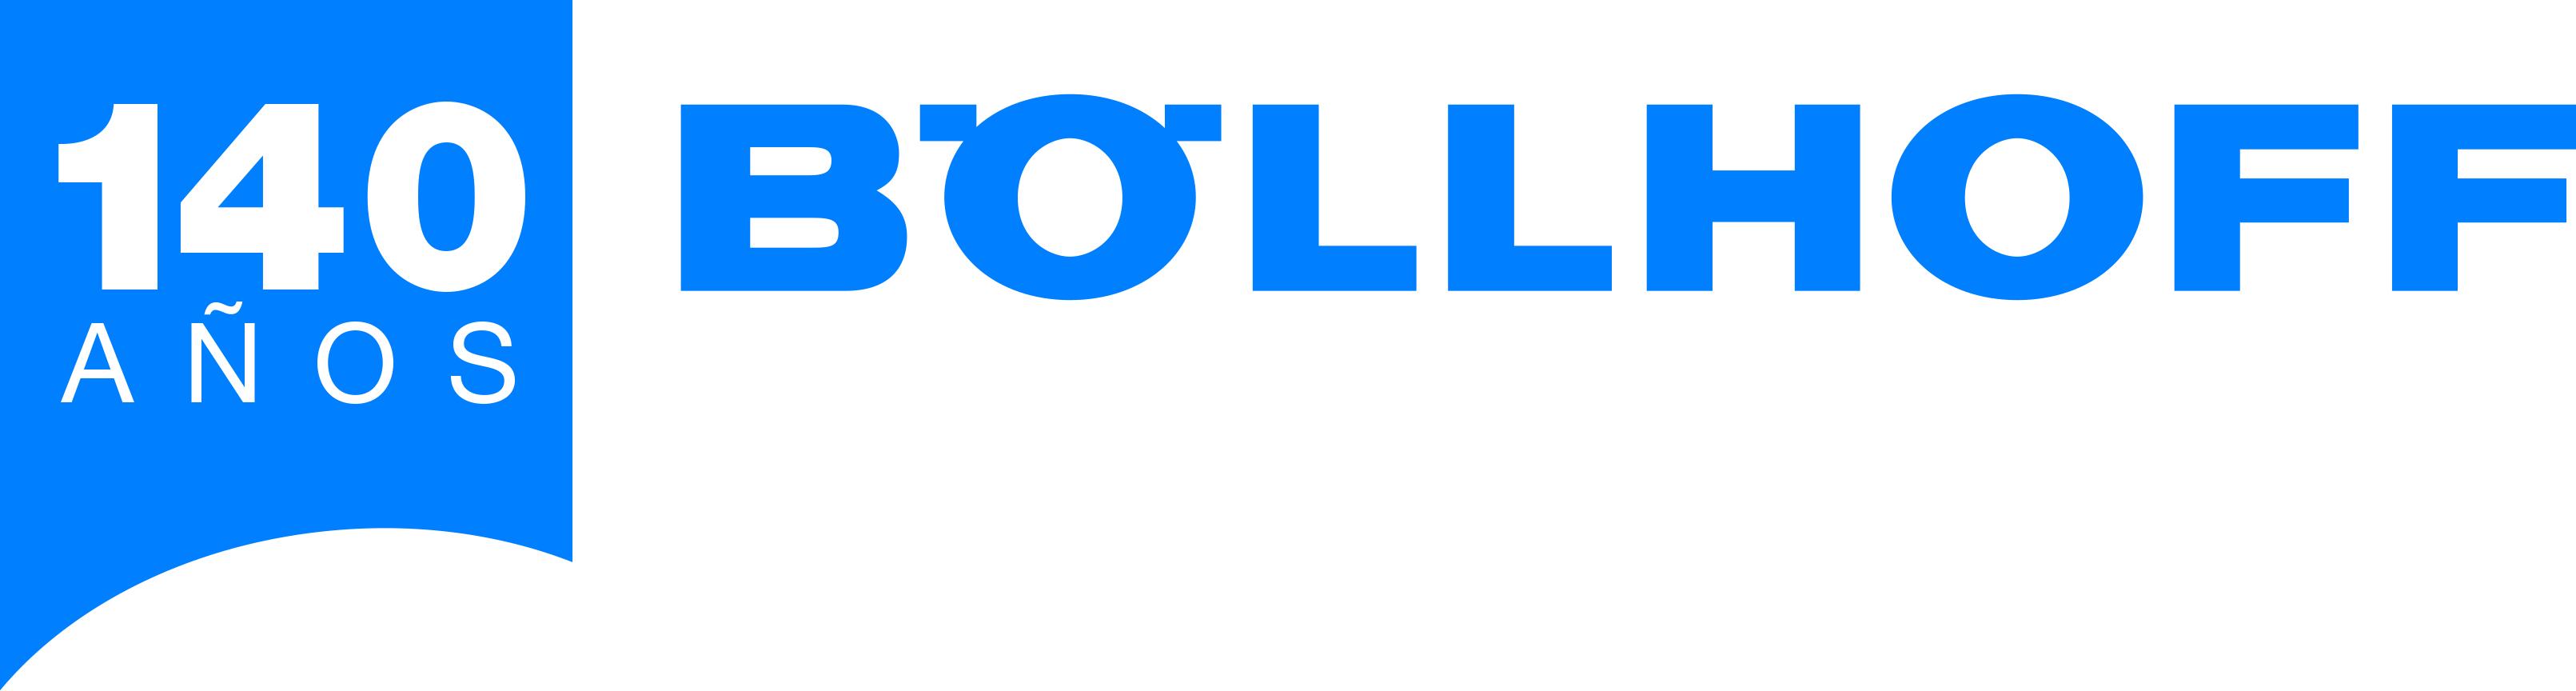 Böllhoff celebra su aniversario: 140 años funcionando para y por sus clientes